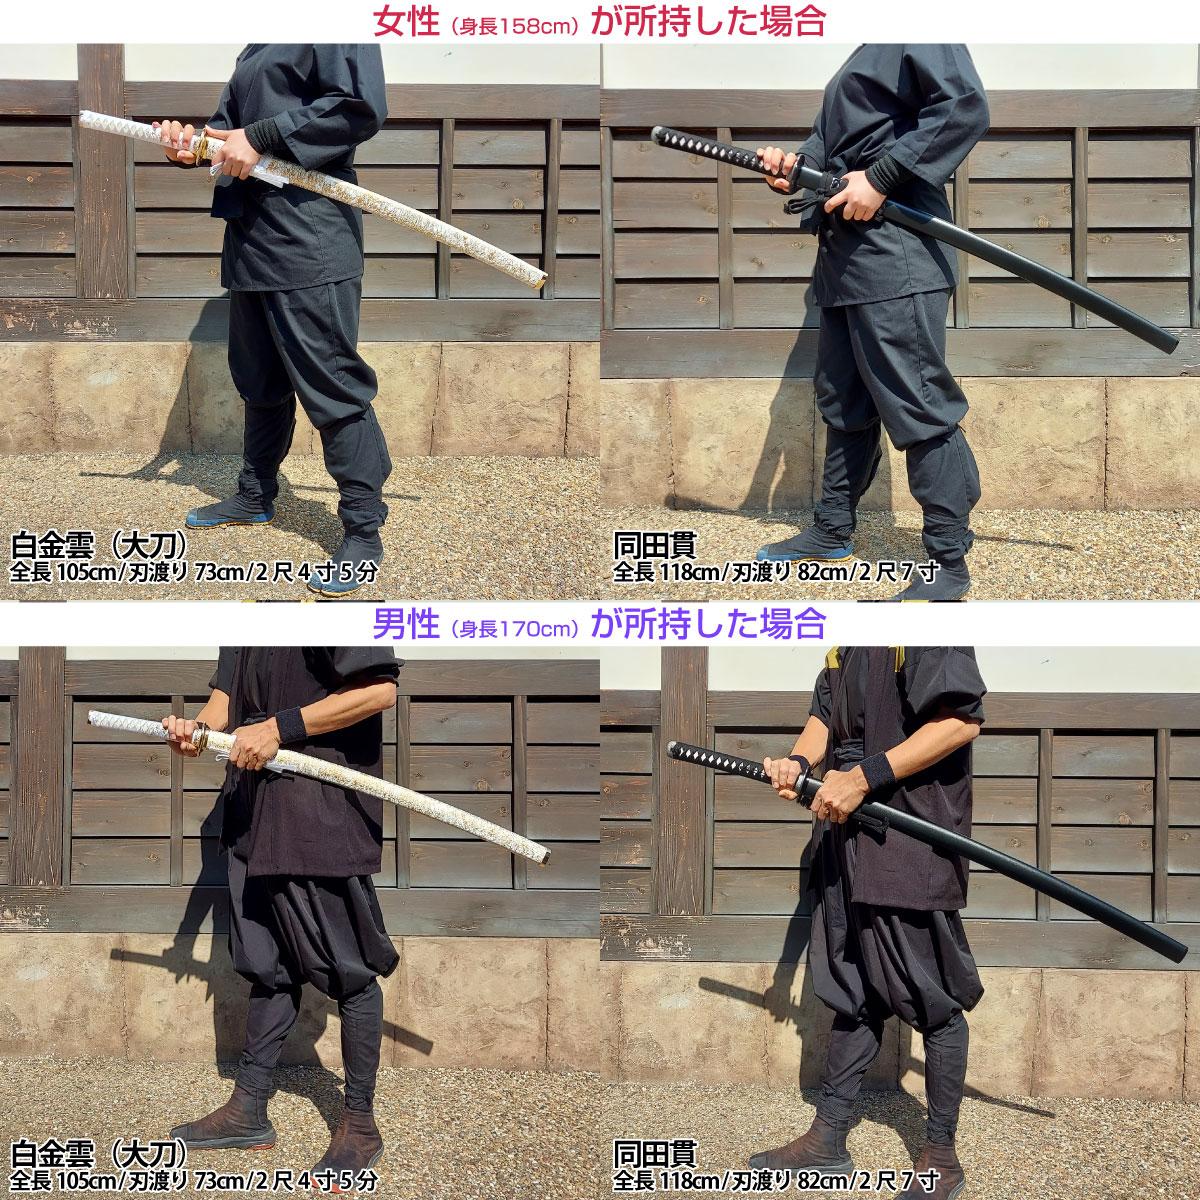 名刀伝 「鳴狐」 平造り・打刀 -最高級仕様拵え- (刀袋付き)